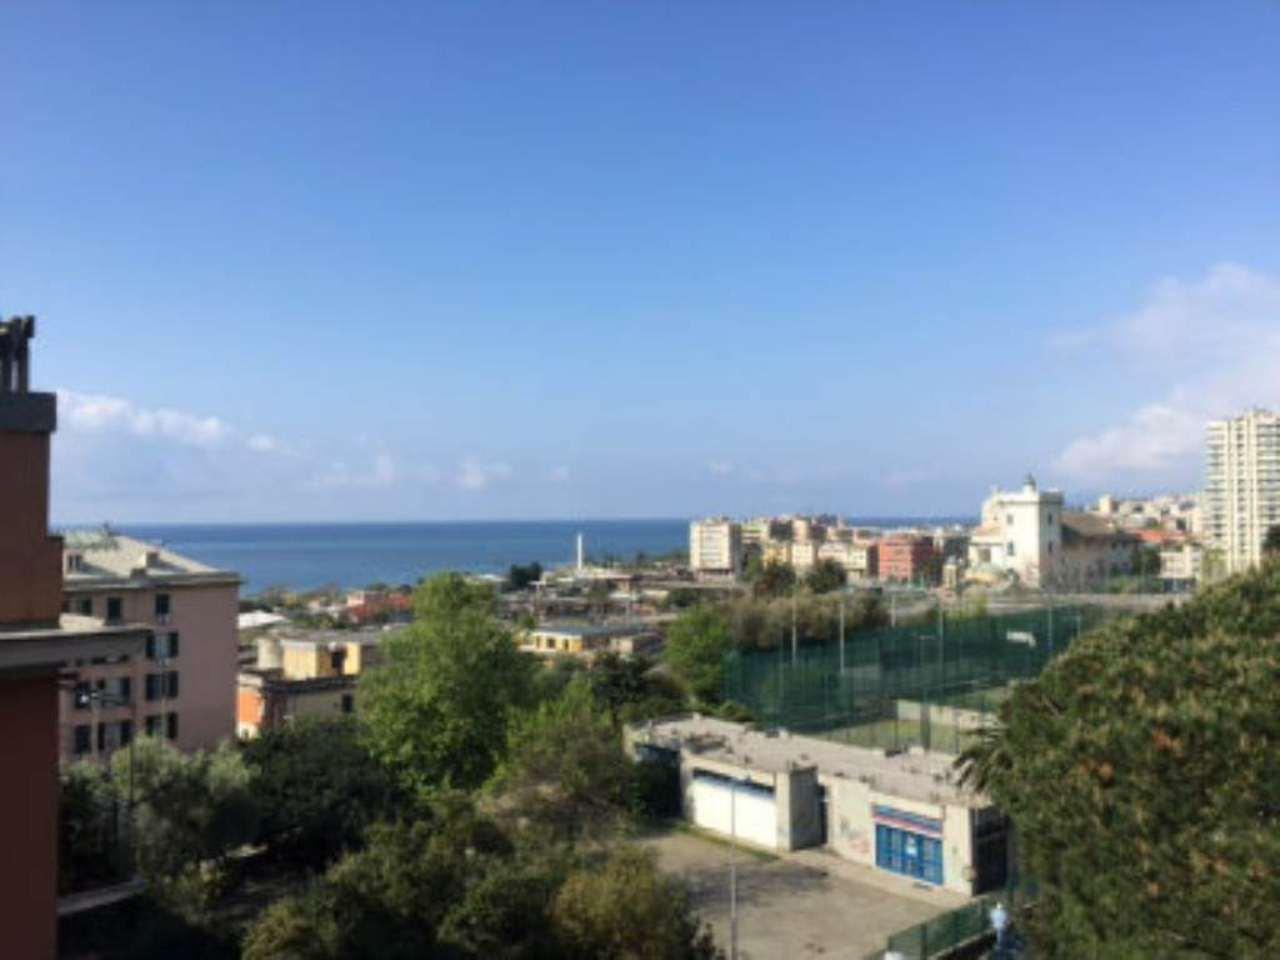 Bilocale Genova Via Reggio 1